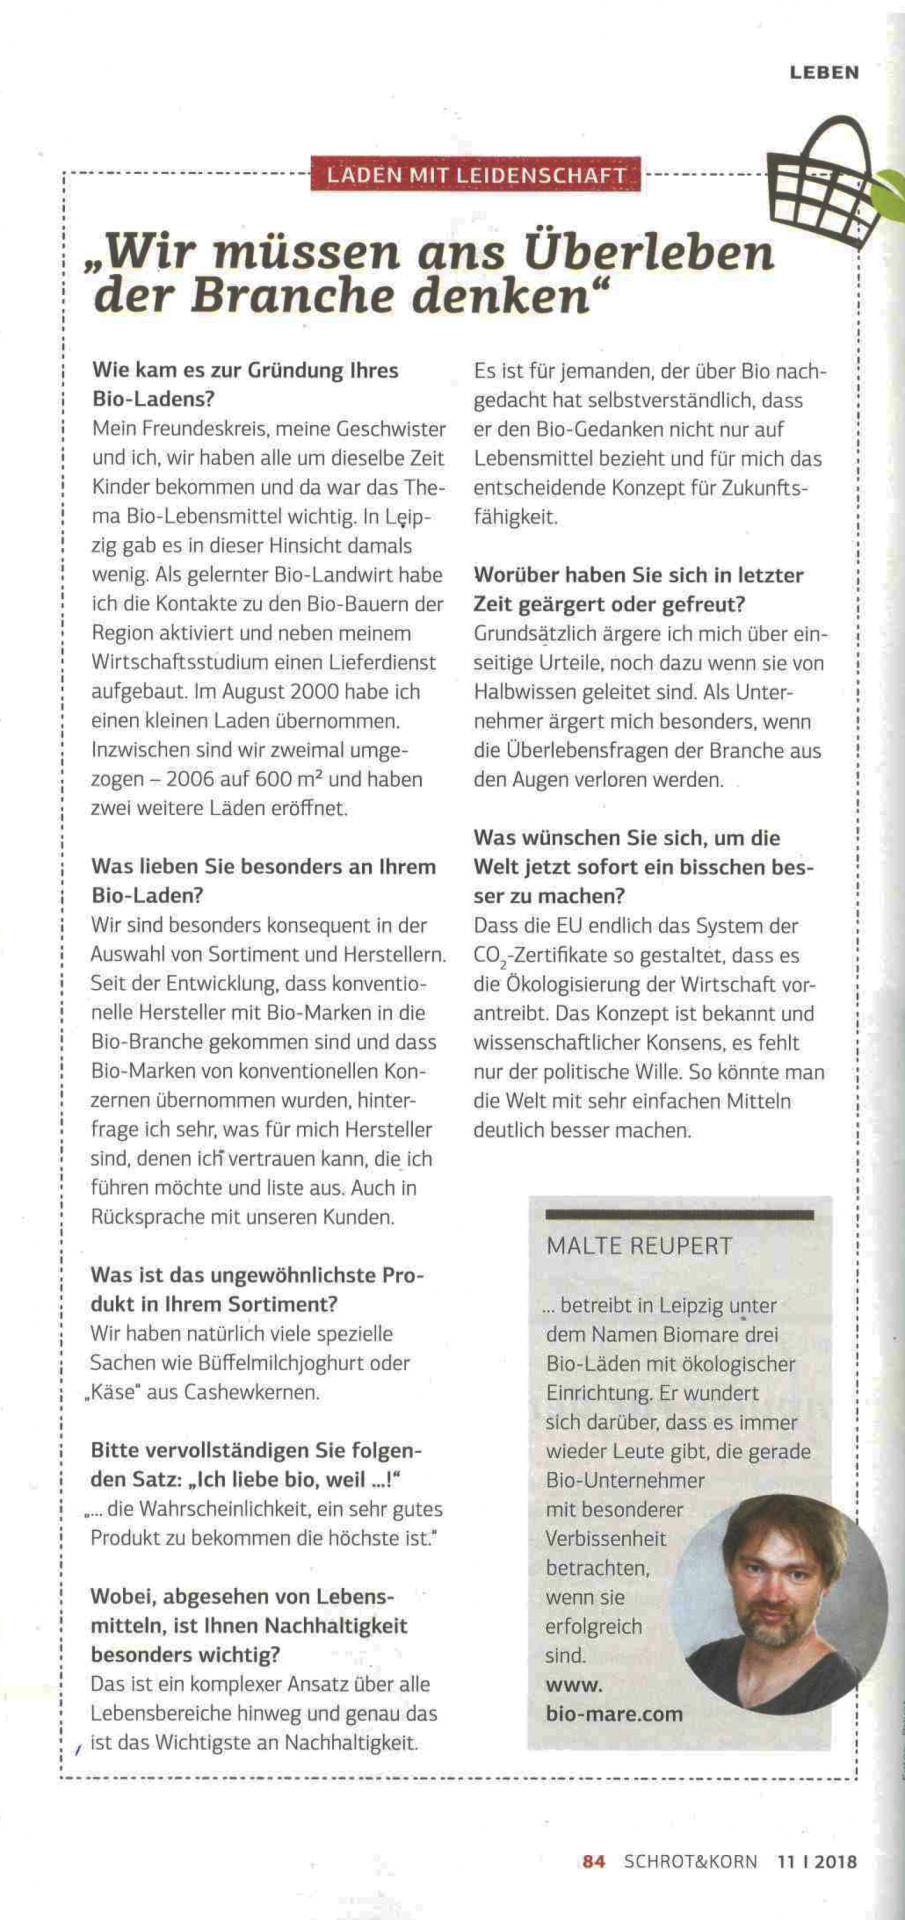 Interview, Biomare, Malte Reupert, Schrot und Korn